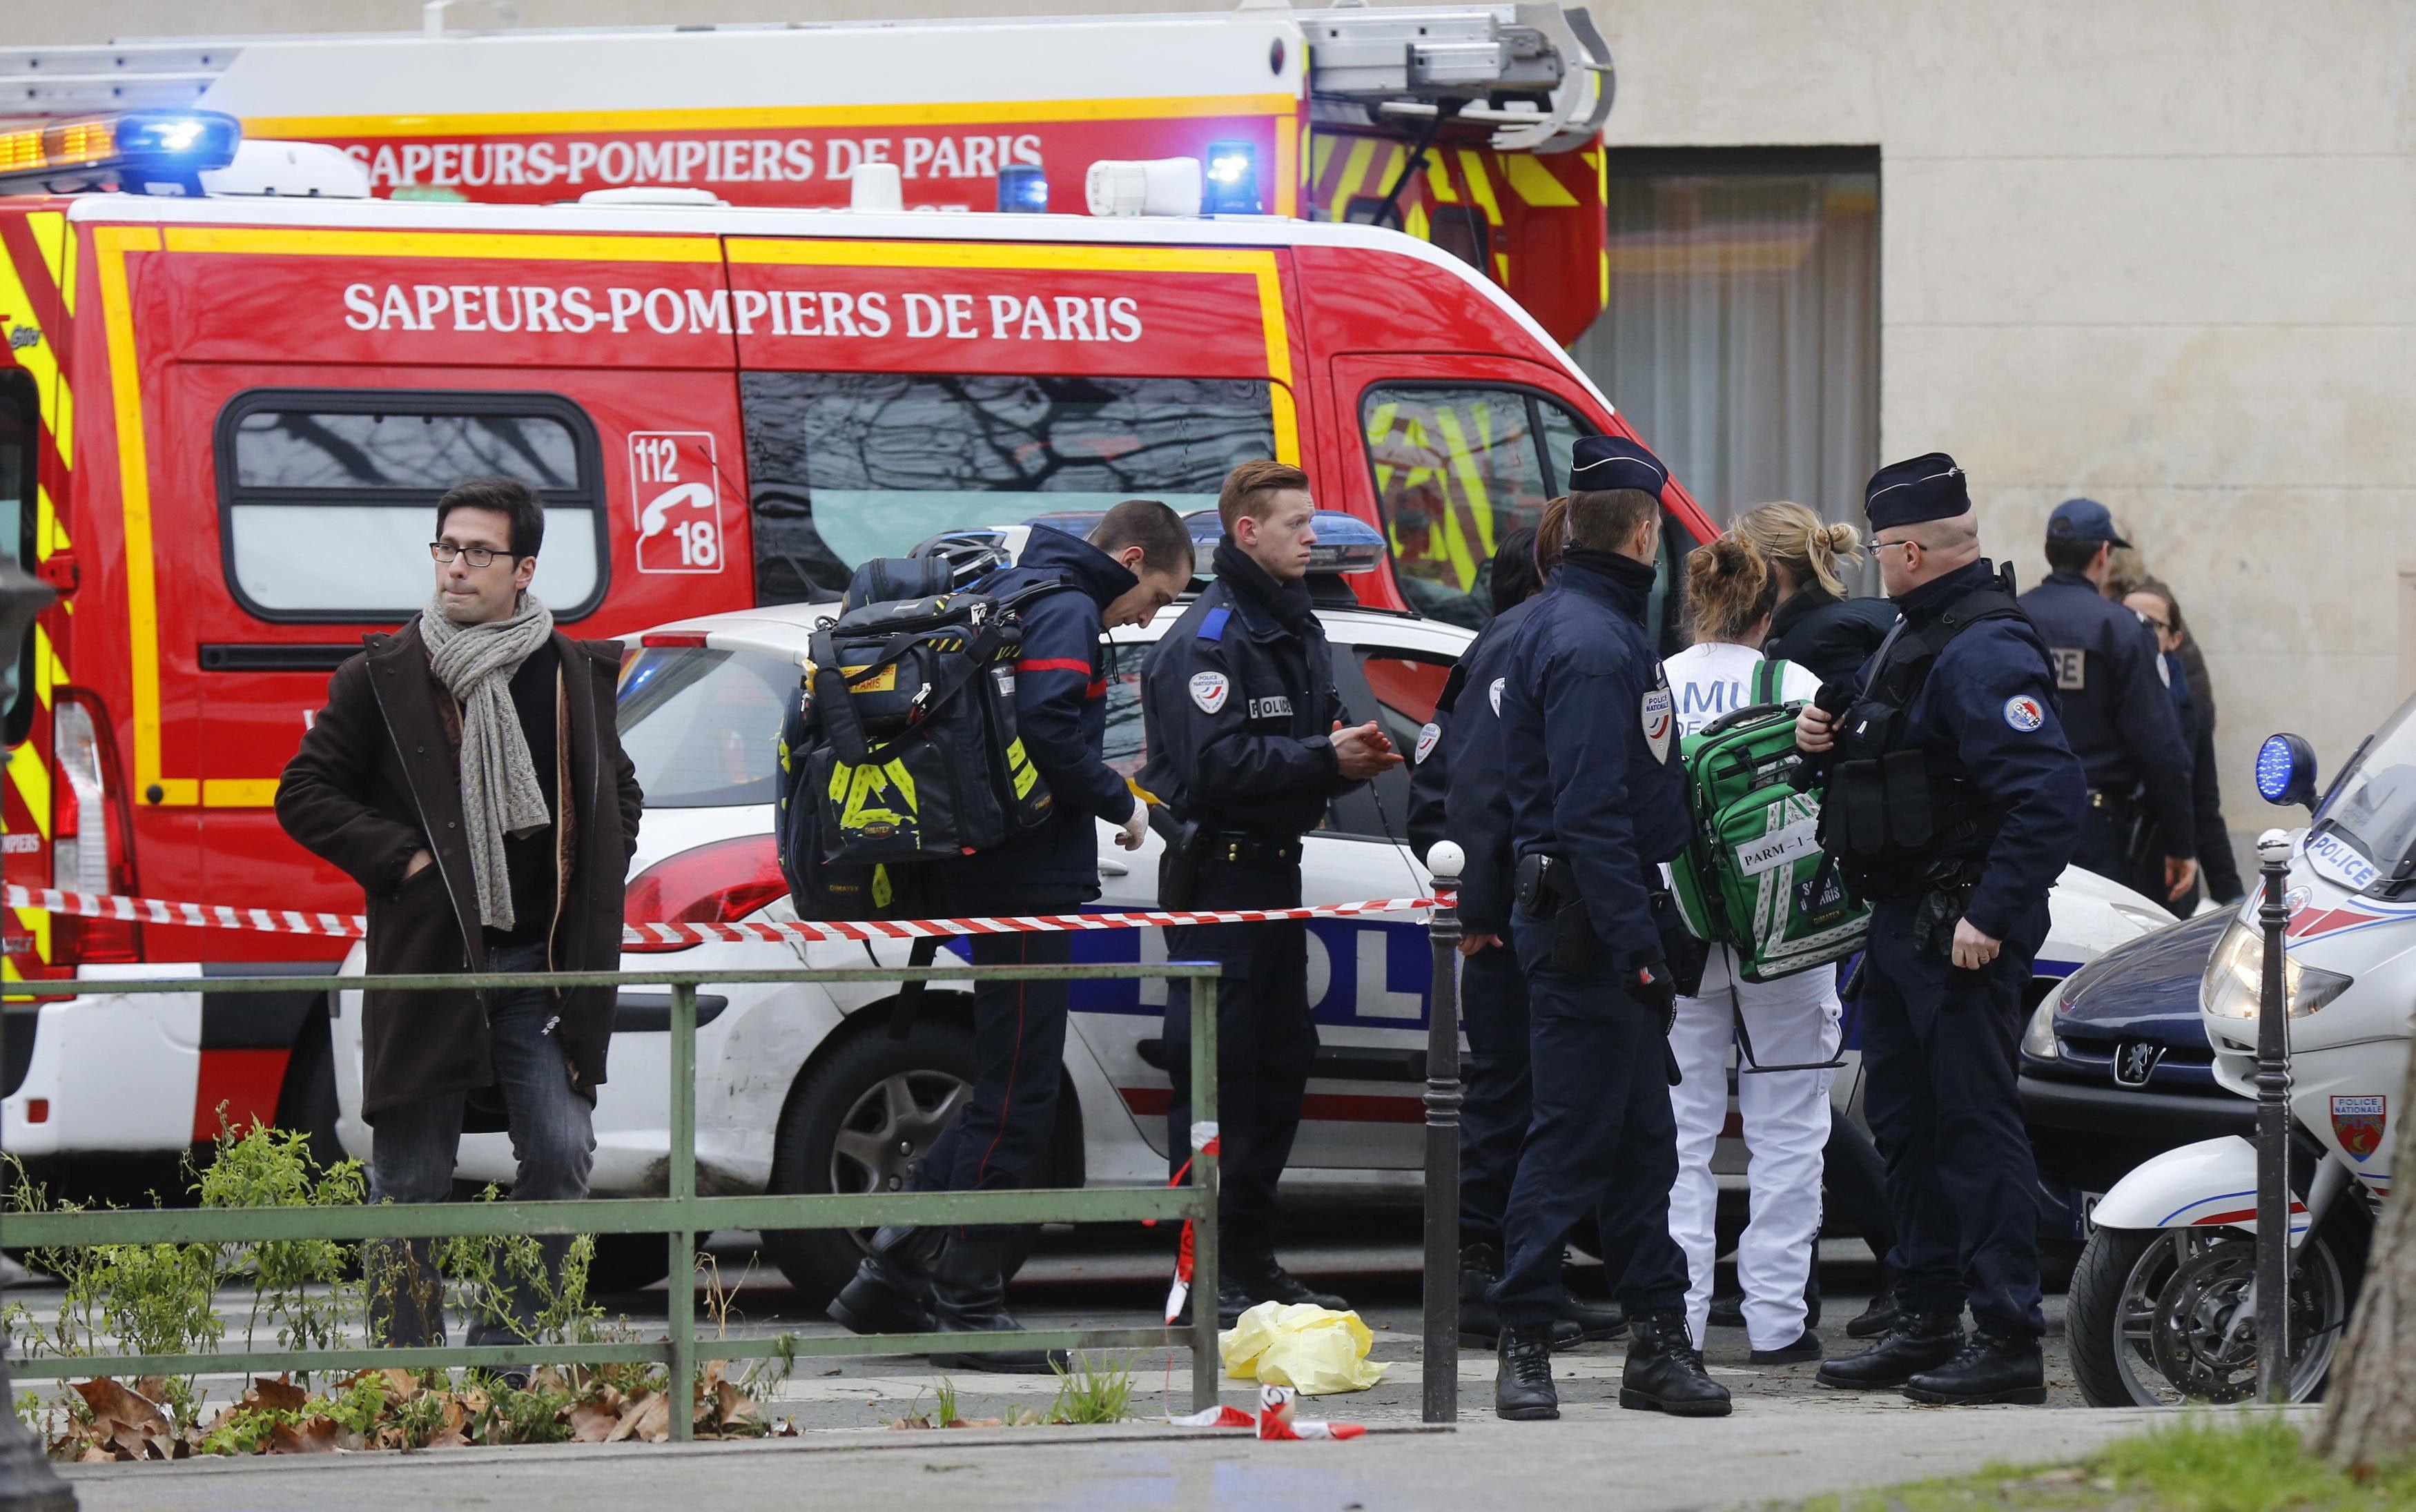 どんな衝突でも、「殺す権利」は誰にもない | テロリズム